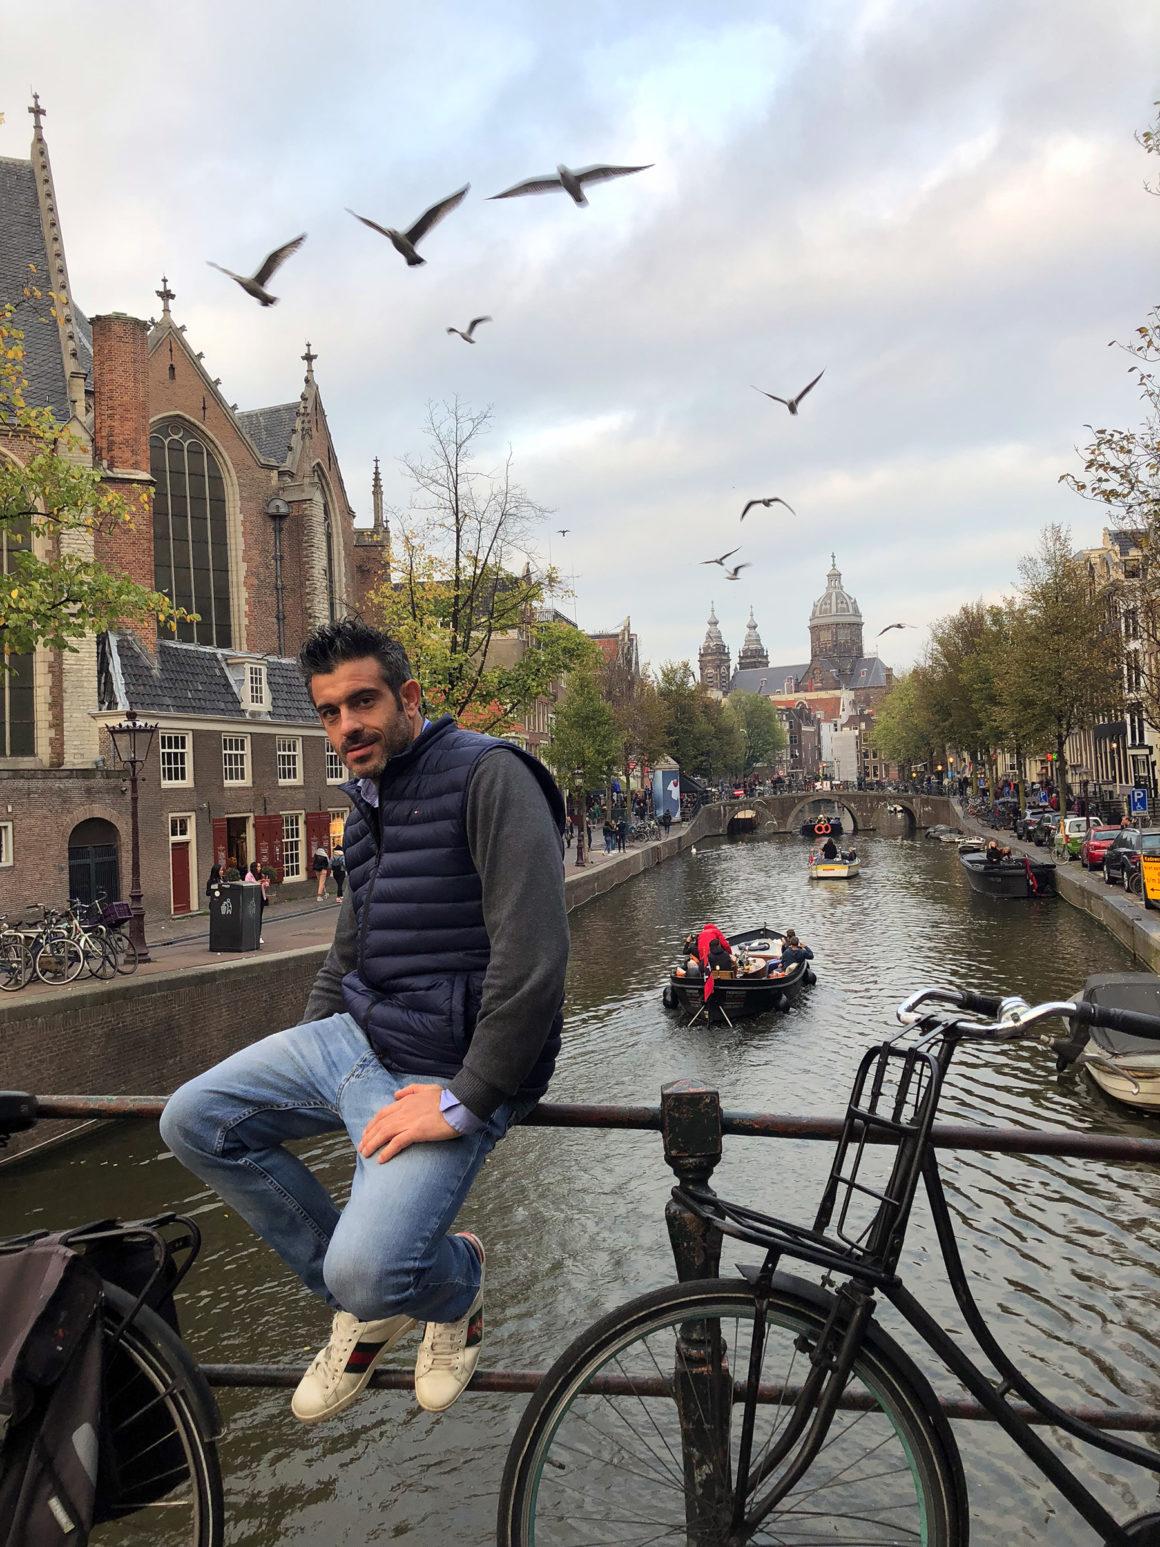 marathon maraton amsterdam maratón de amsterdam - marathon maraton amsterdam 05 1160x1547 - Correr el Maratón de Amsterdam: análisis, recorrido, entrenamiento y recomendaciones de viaje